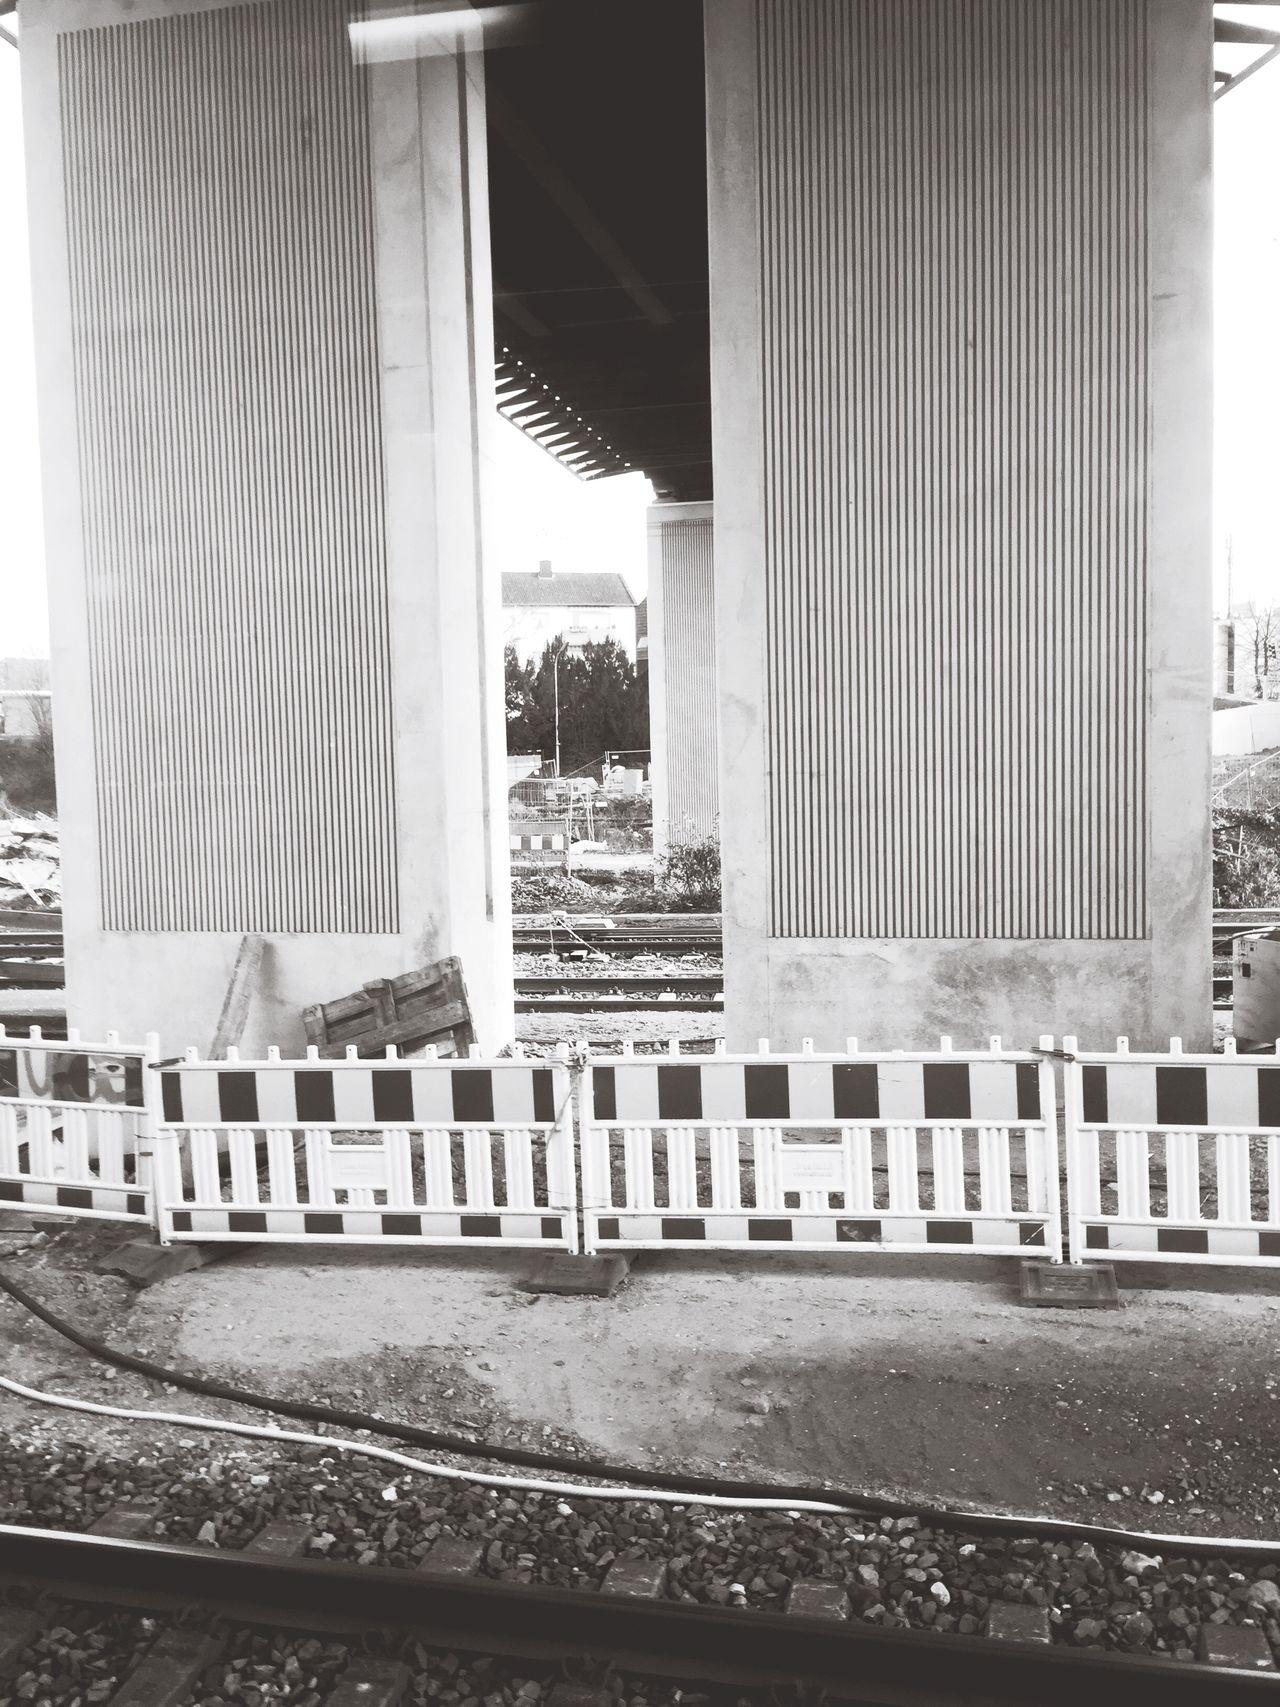 Traveling Train Train Station Adventure Construction Rails Blackandwhite Black&white Black & White Black And White